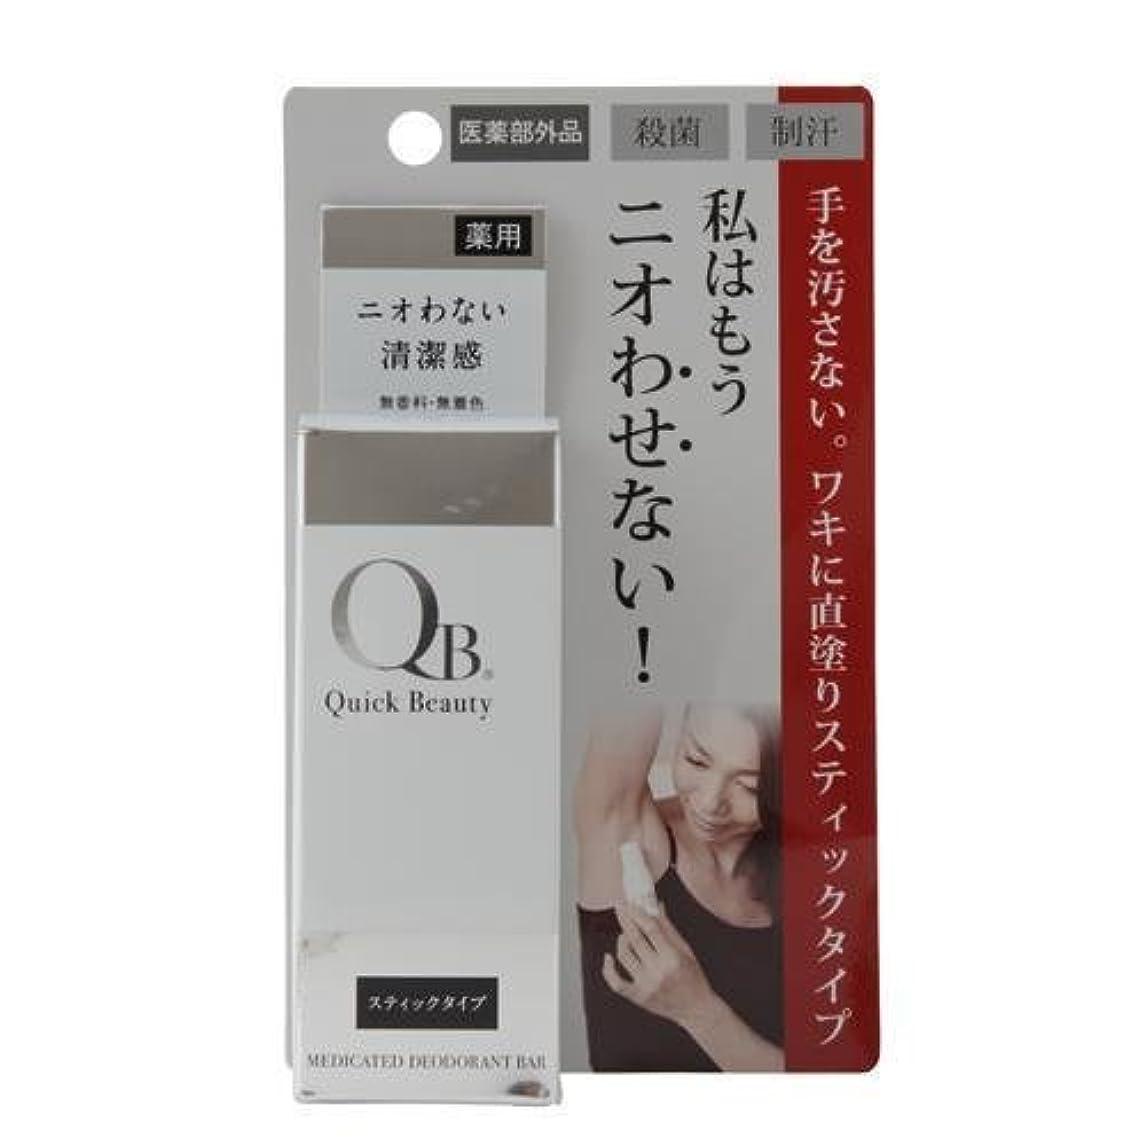 はげ裁判所断片QB 薬用デオドラントクリーム スティックタイプ 20g